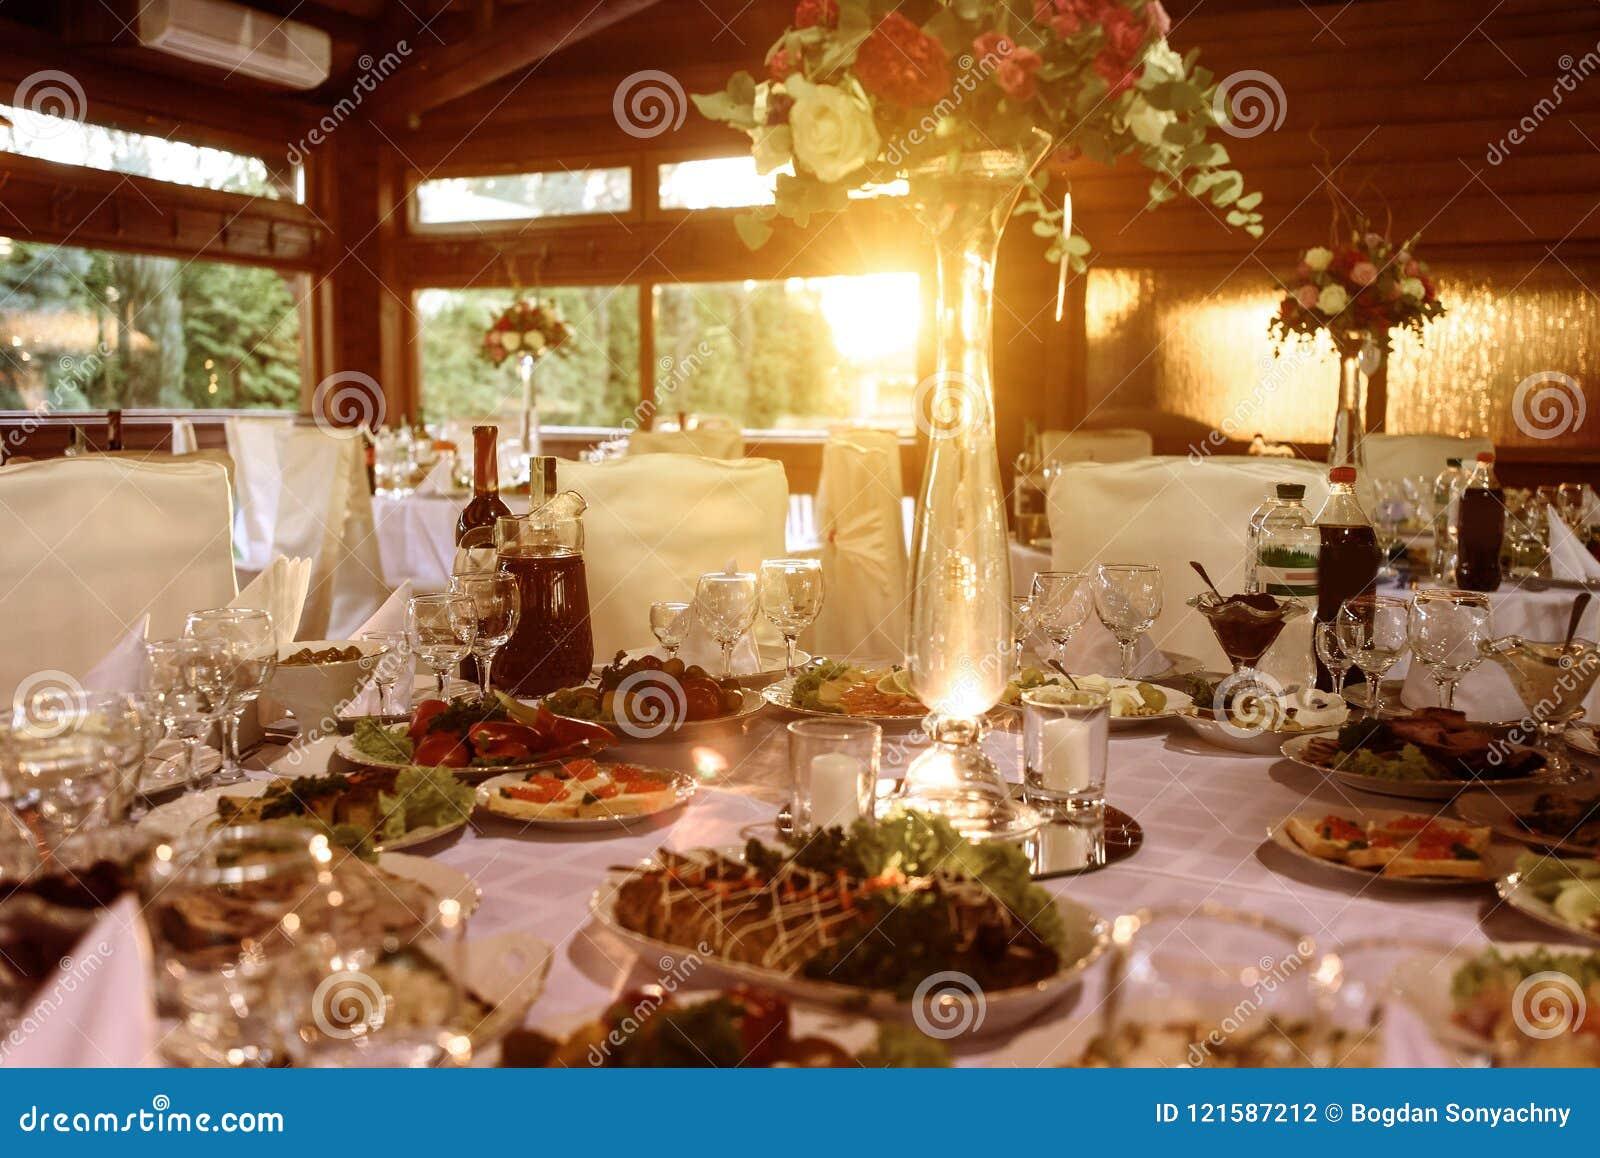 Le luxe étonnant a décoré des tables pour la réception de mariage, restauration